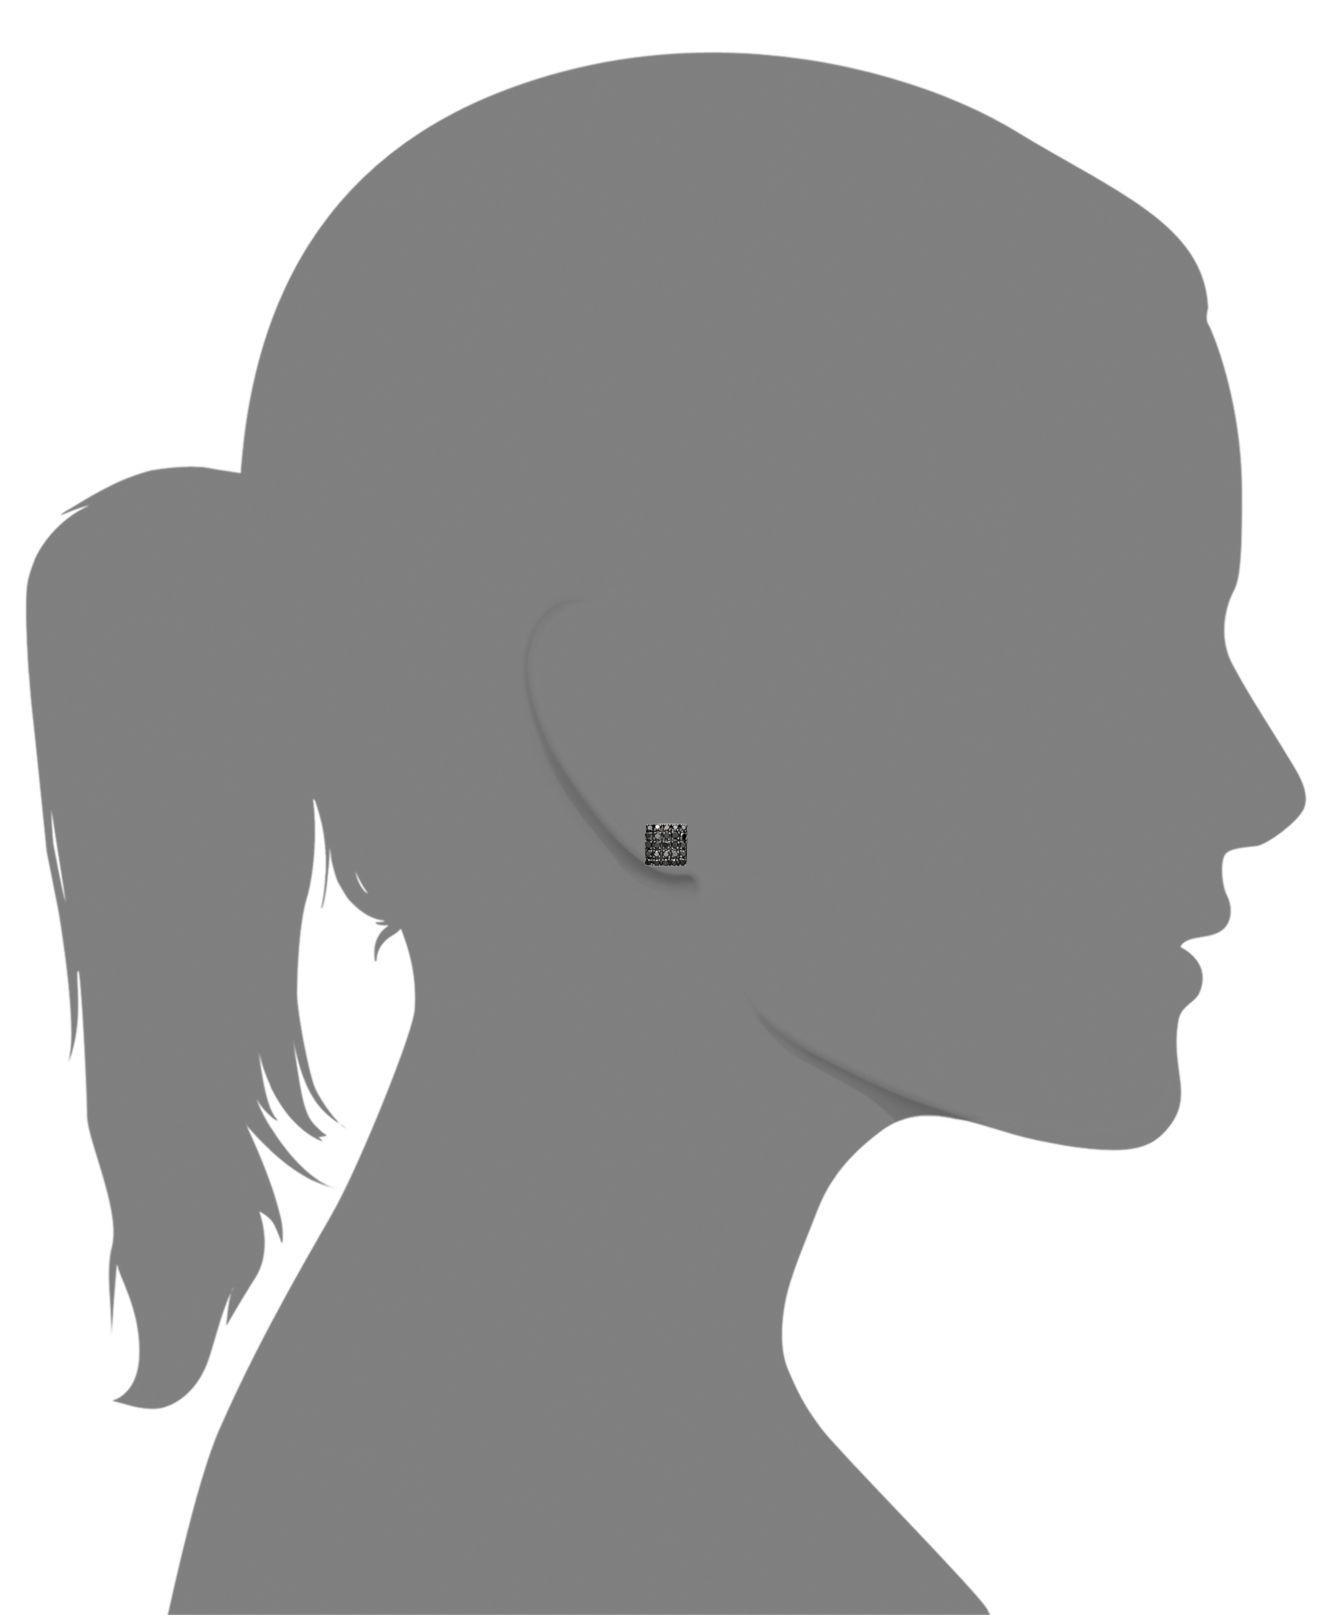 Lyst Macy S Black Diamond Square Cer Stud Earrings In Sterling Silver 1 2 Ct T W Metallic